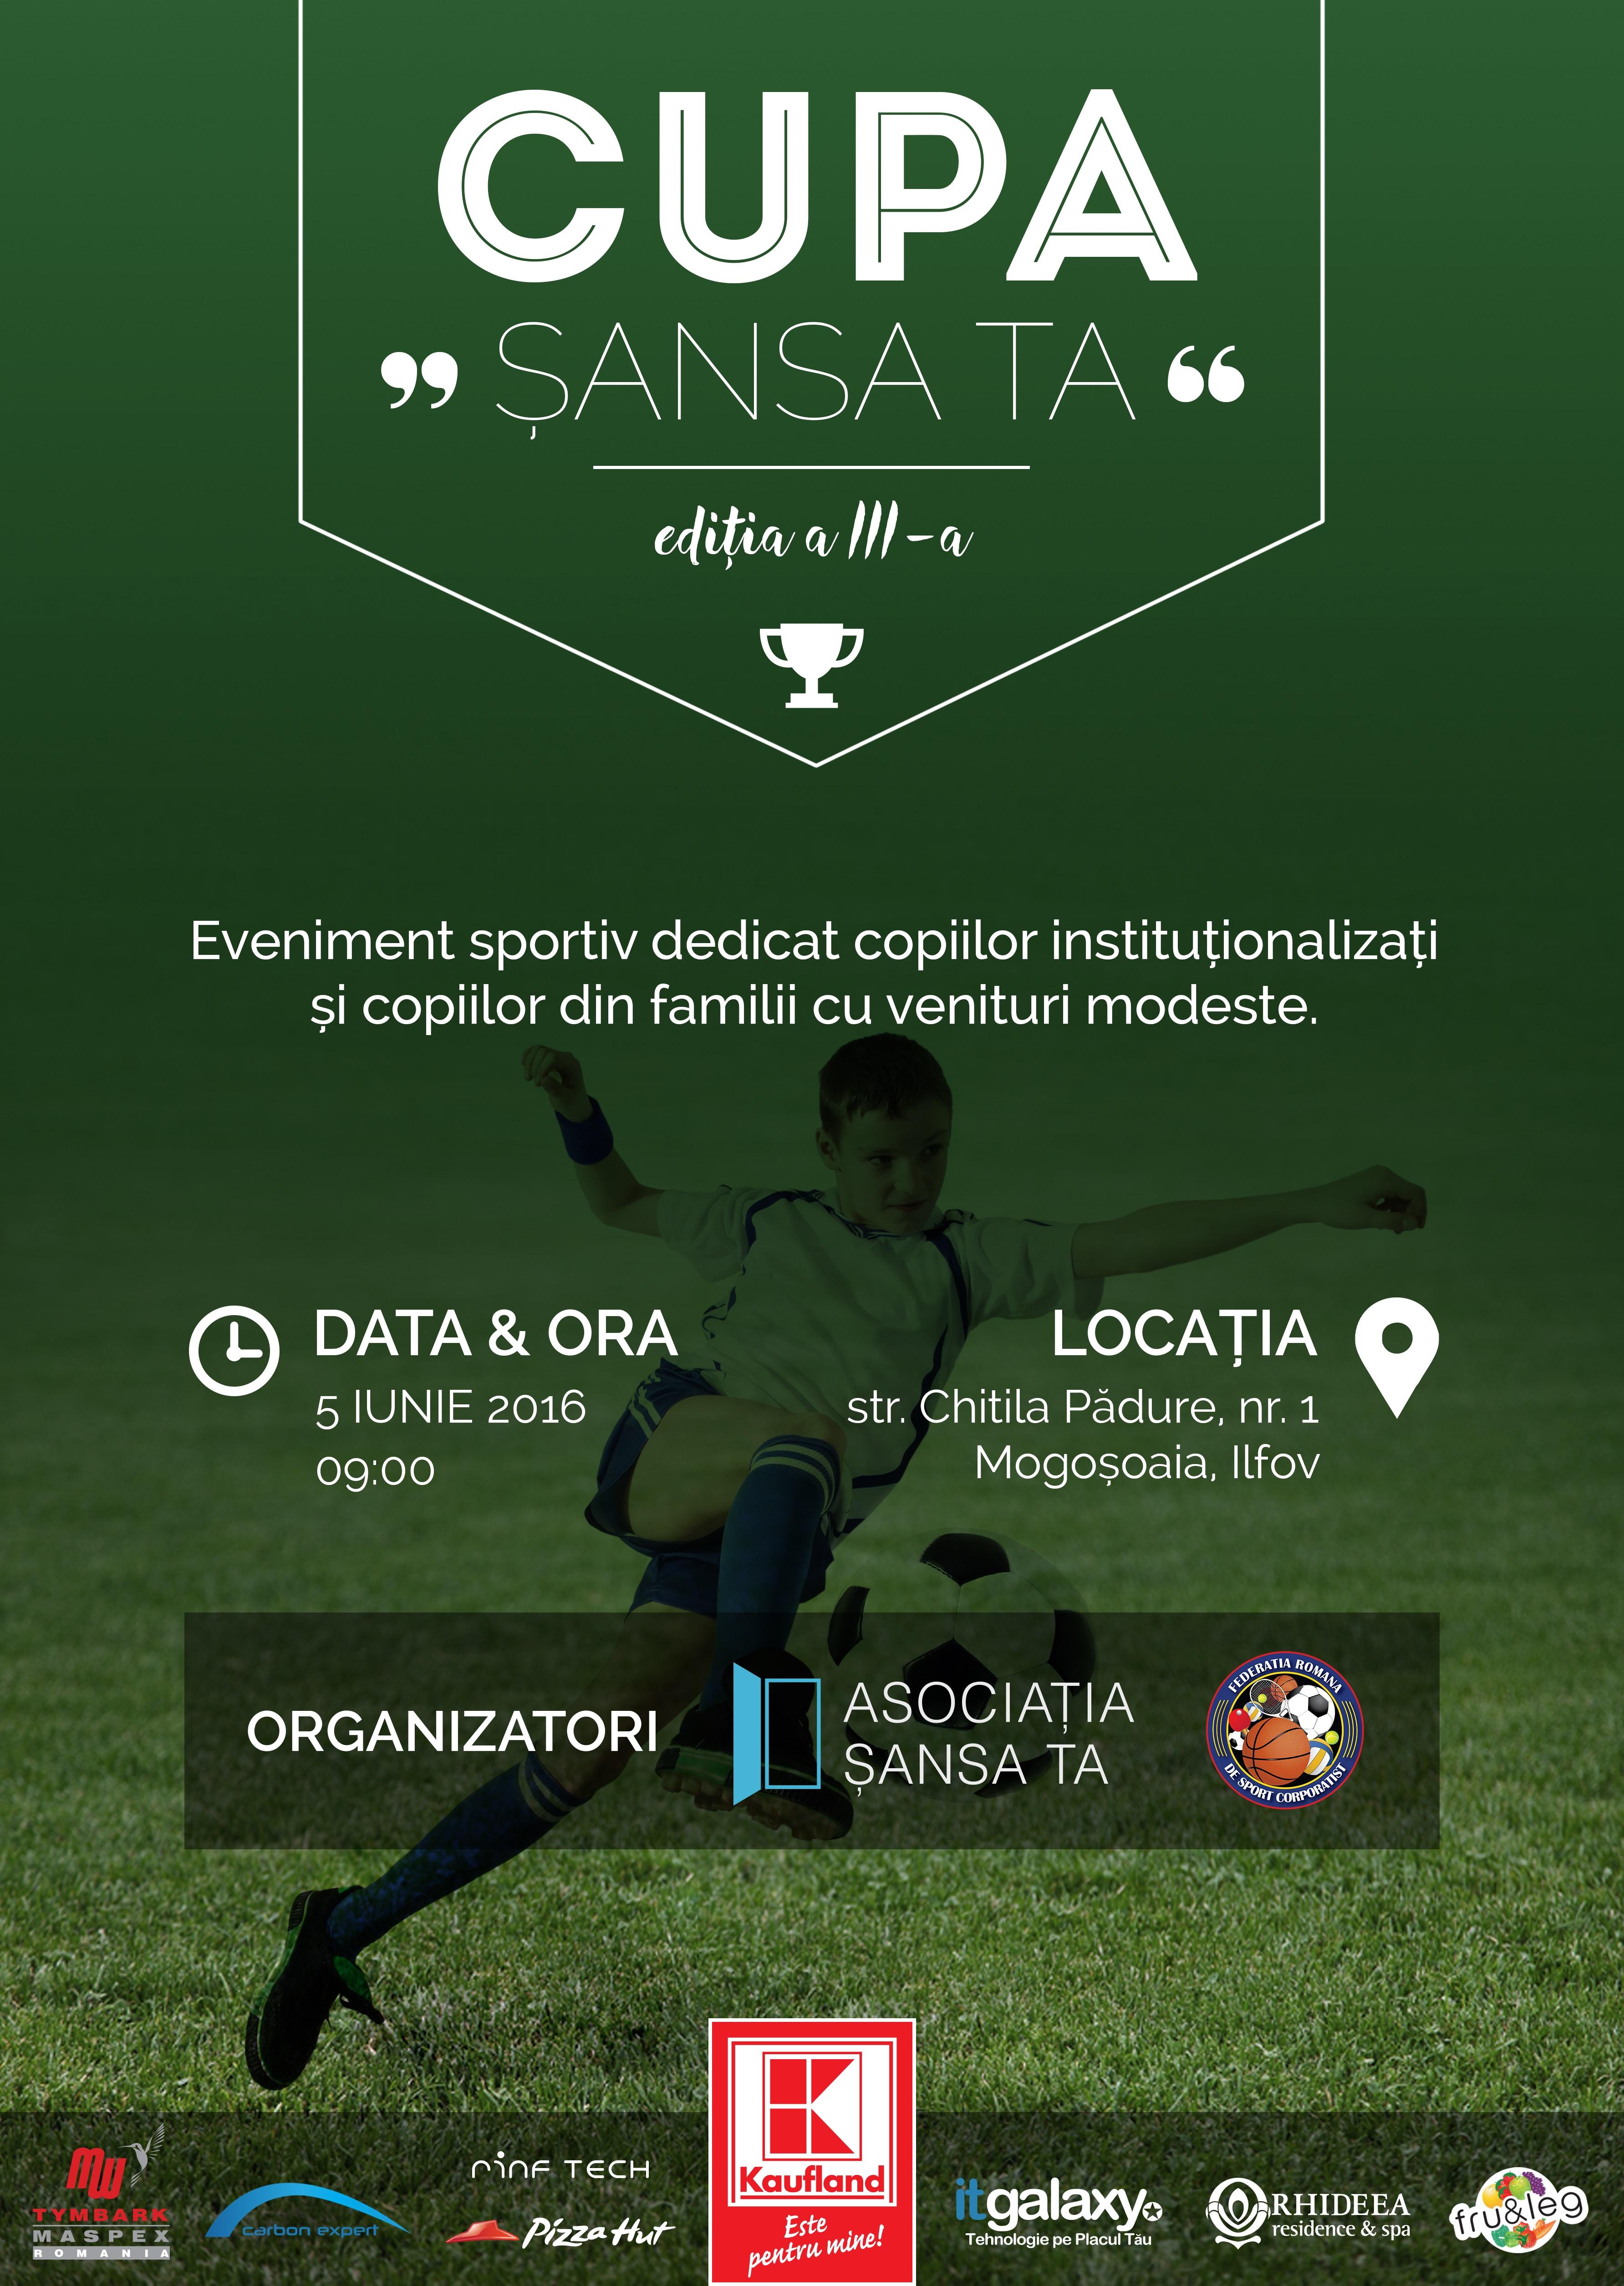 Competiție de fotbal pentru copiii orfani și din familii modeste: Cupa Șansa Ta a ajuns la a treia ediție